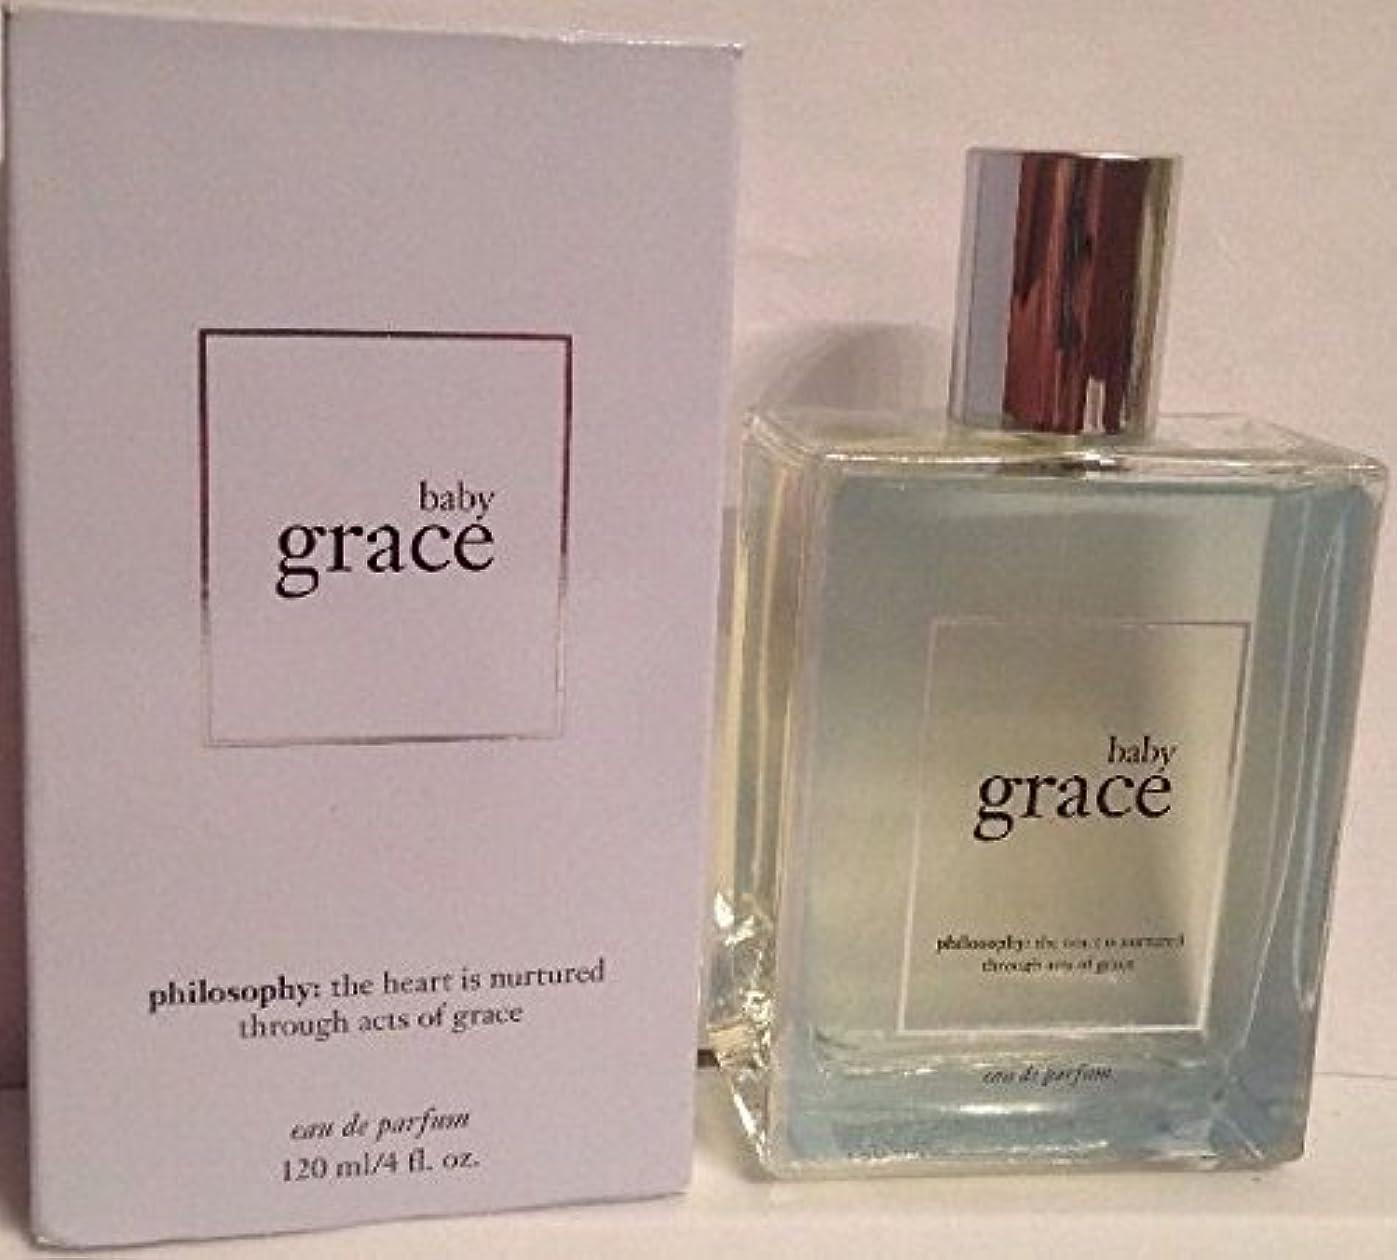 露ヒューバートハドソン話baby grace (ベビーグレイス ) 4.0 oz (120ml) EDP Spray for Women